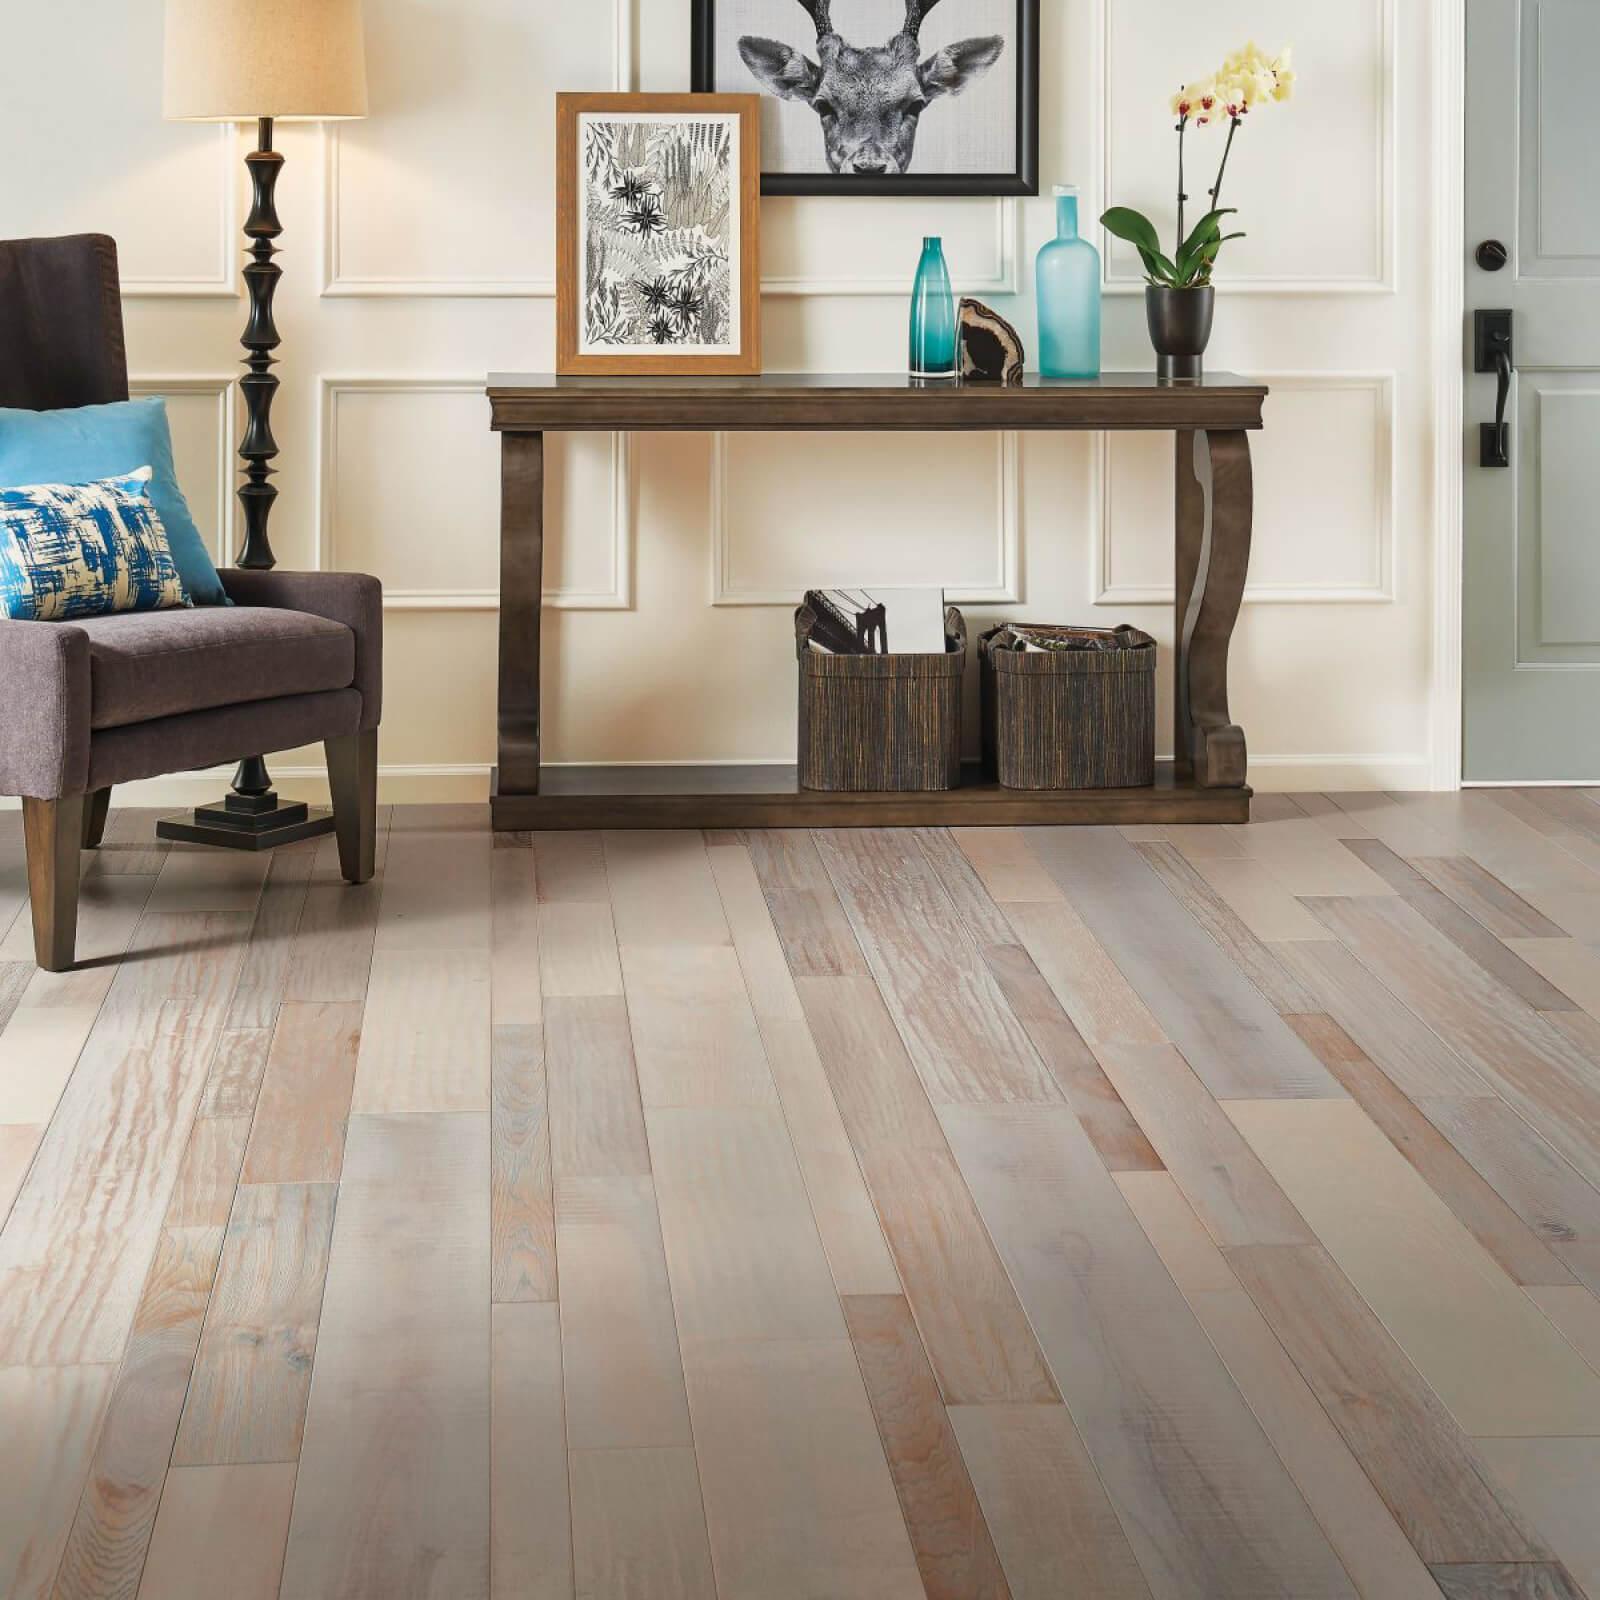 Summer Flooring Trends for 2020 | IQ Floors